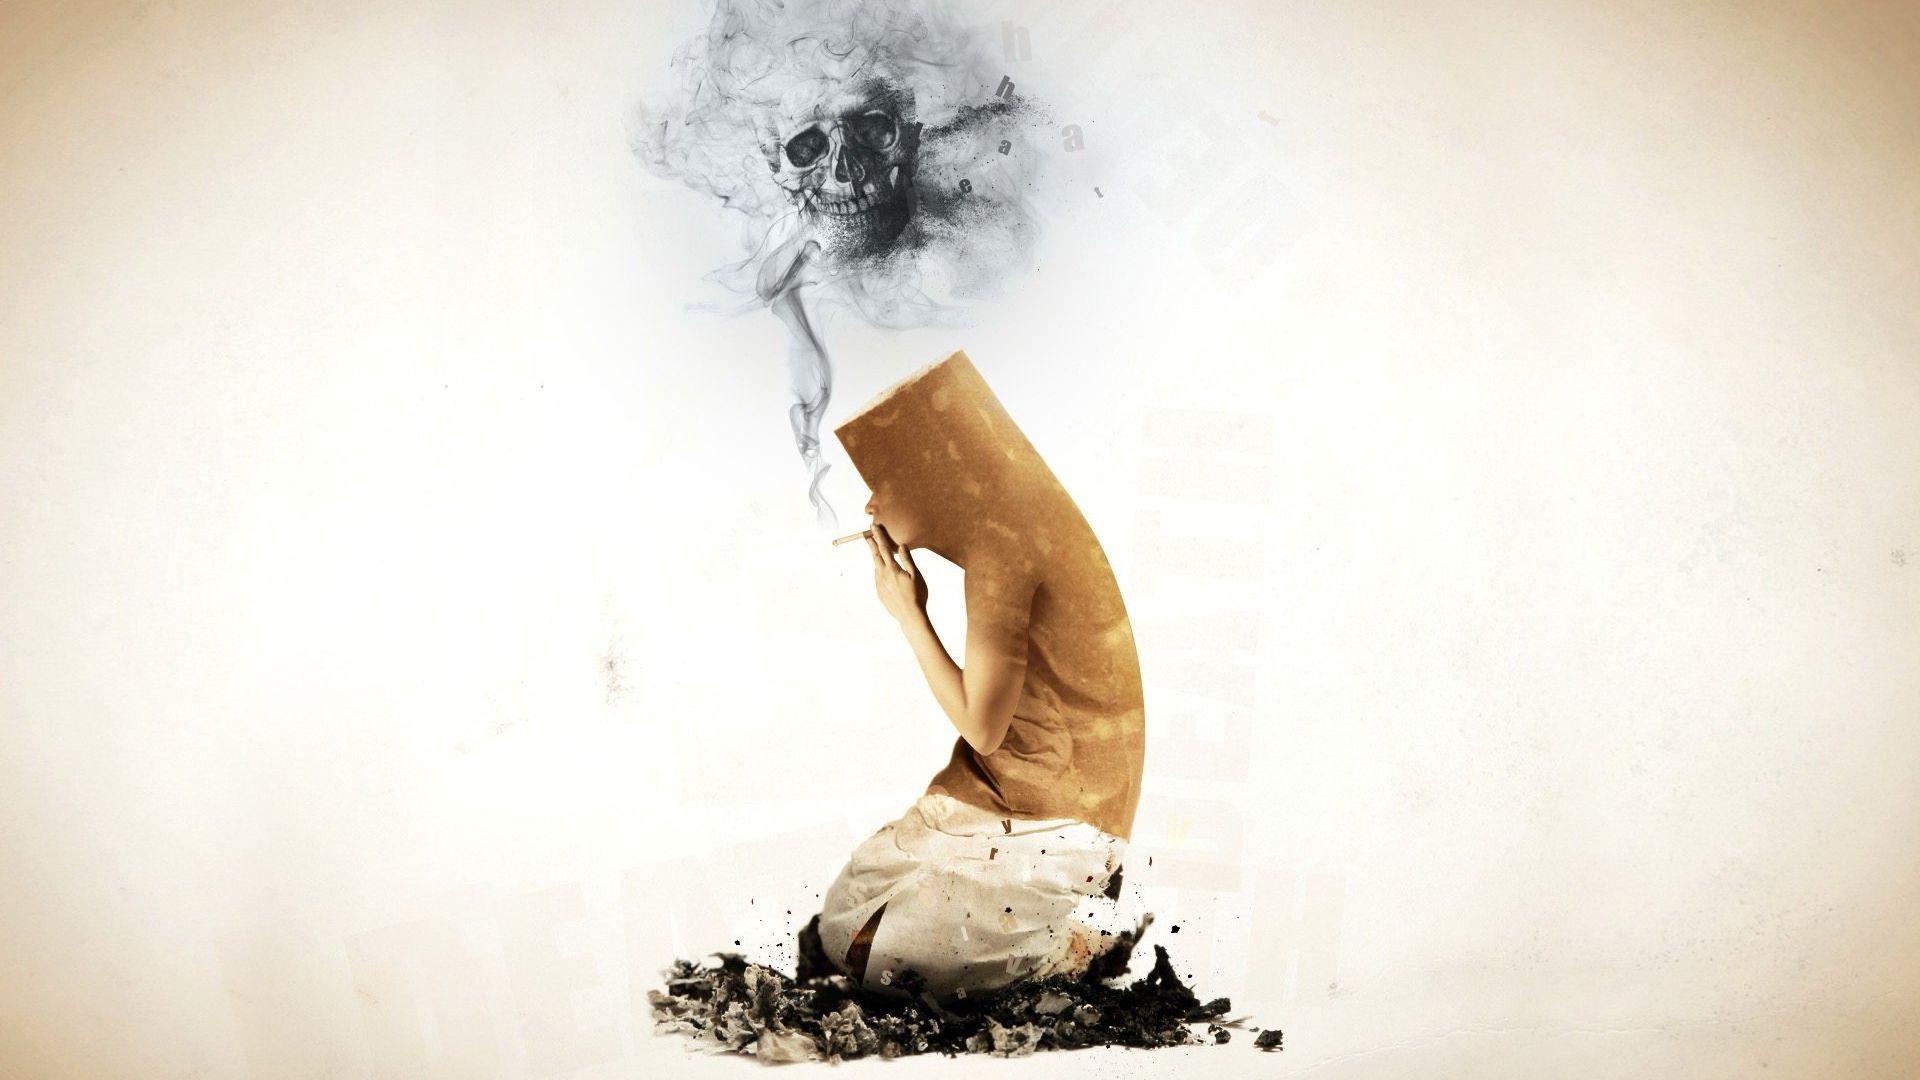 ظاهری زیبا و فرینده که جان می گیرد+فیلم - دکتر محمد حسین نجفی